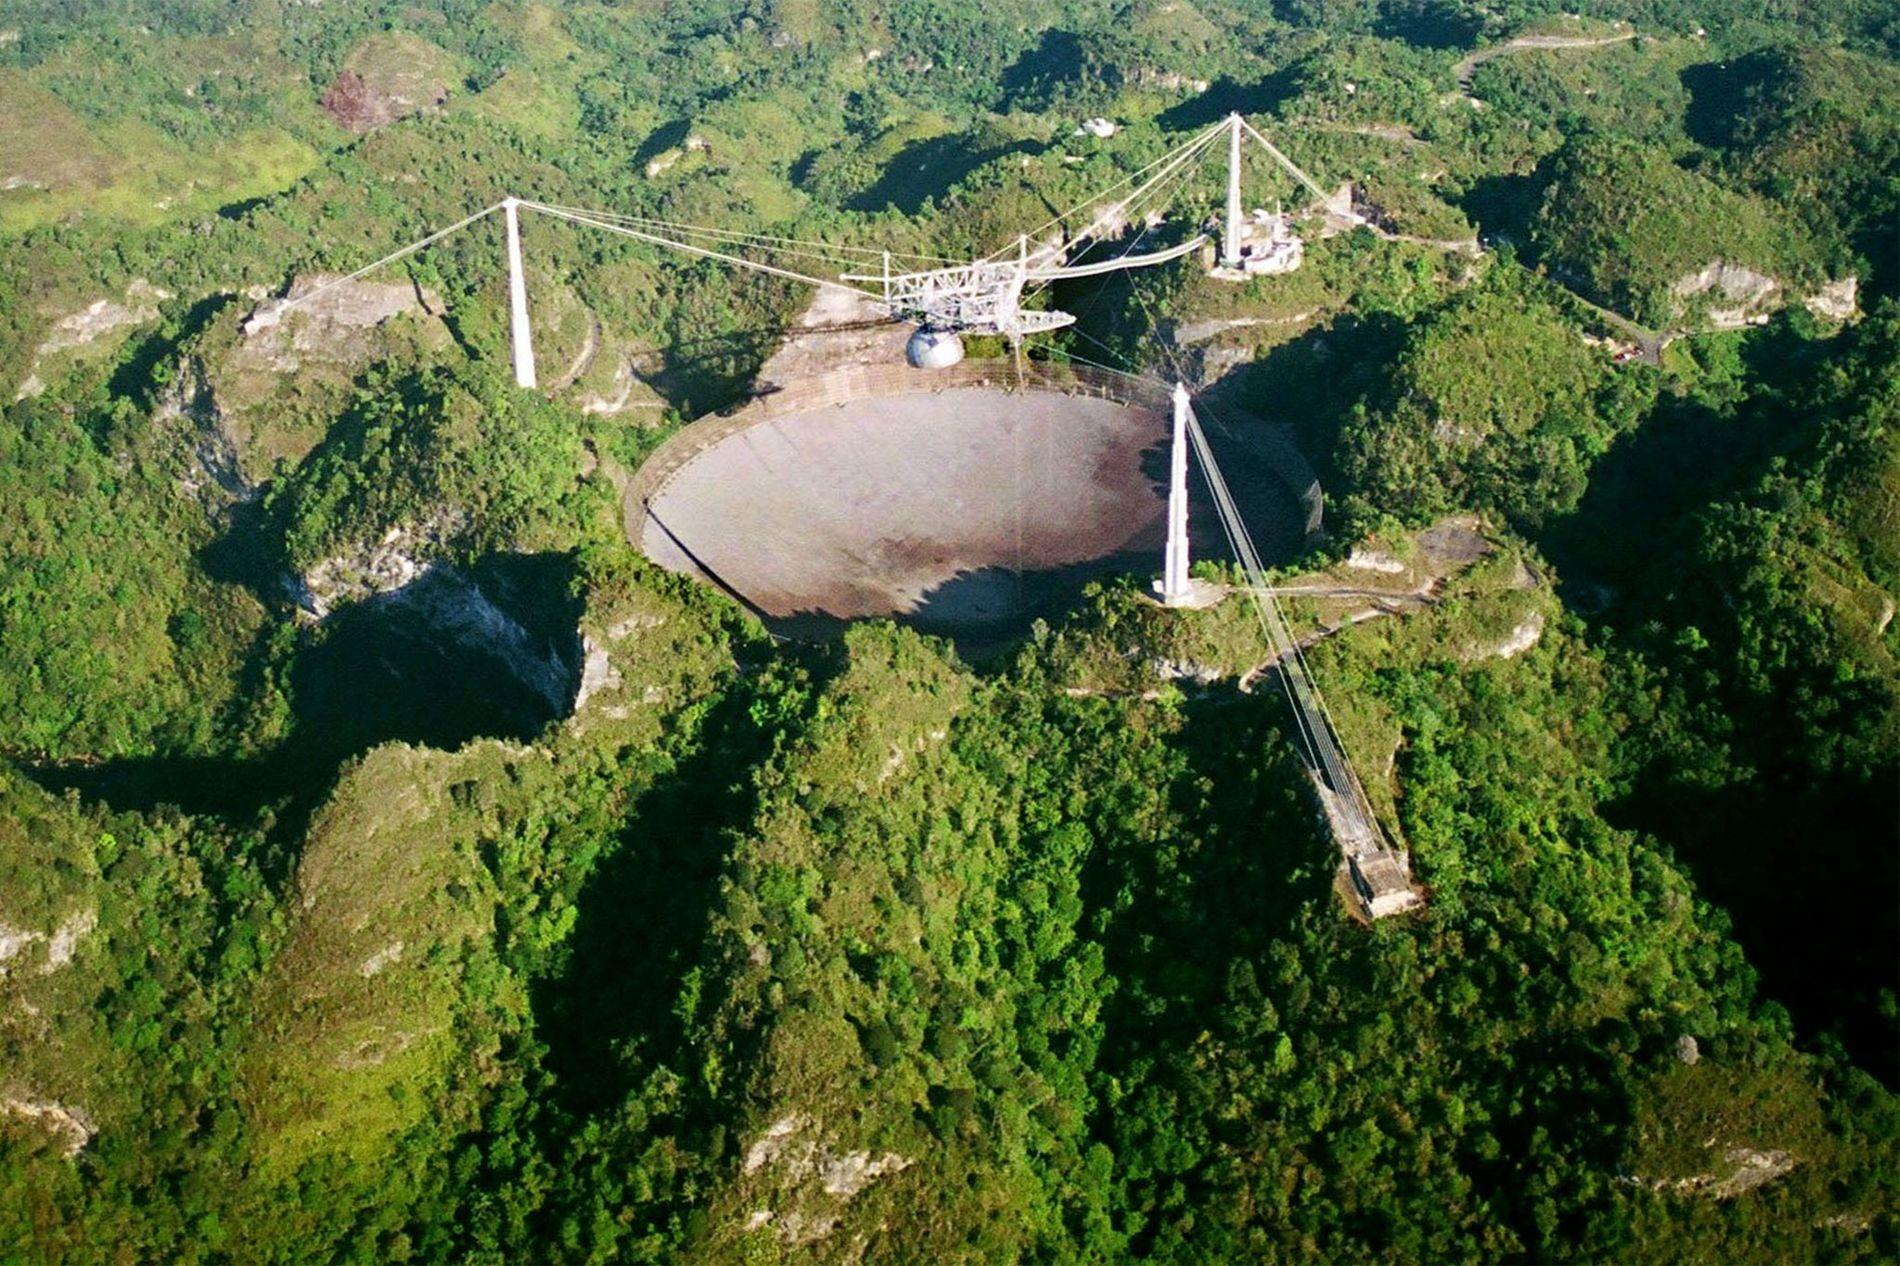 Des astronomes ont découvert des sursauts radioélectriques étrangement vrillés à partir de données de l'Observatoire d'Arecibo, ...